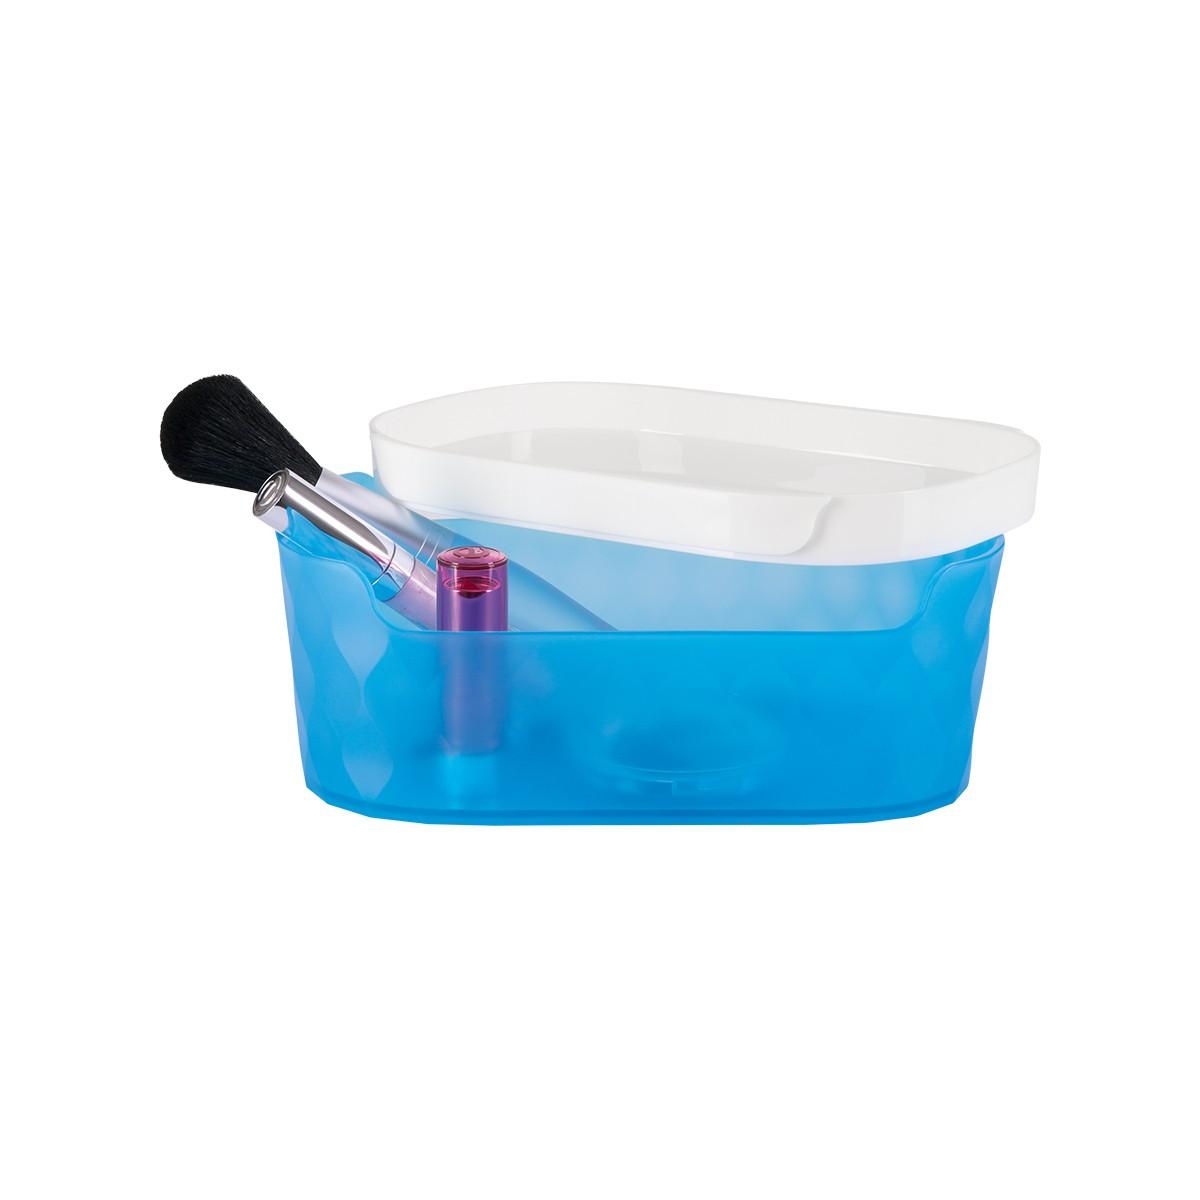 Κουτί Αποθήκευσης Spirella Pool Blue